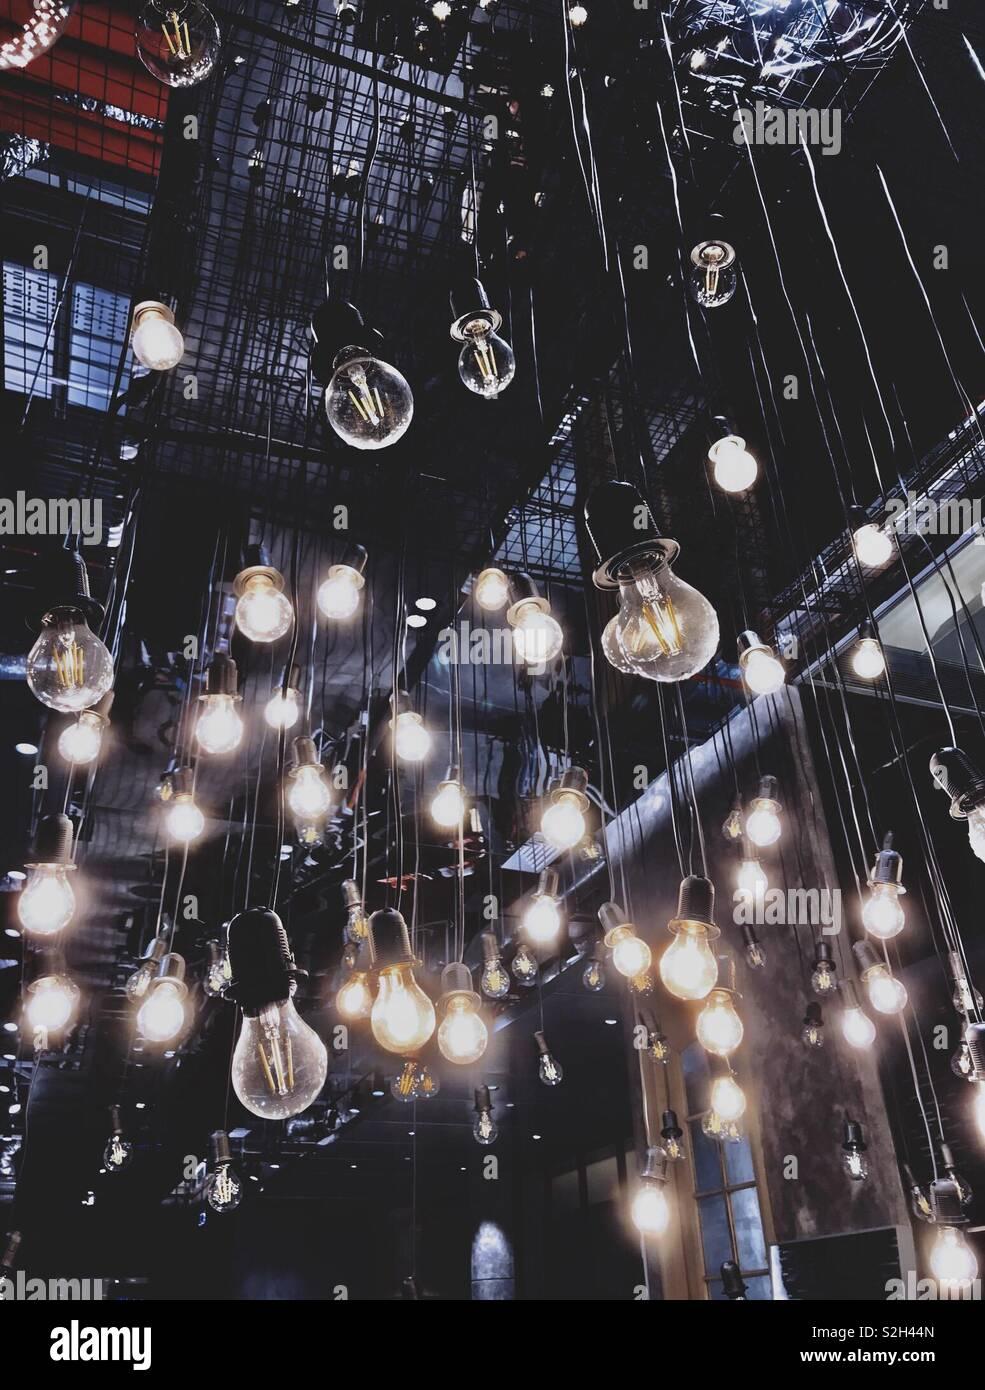 Ser siempre la luz. Imagen De Stock